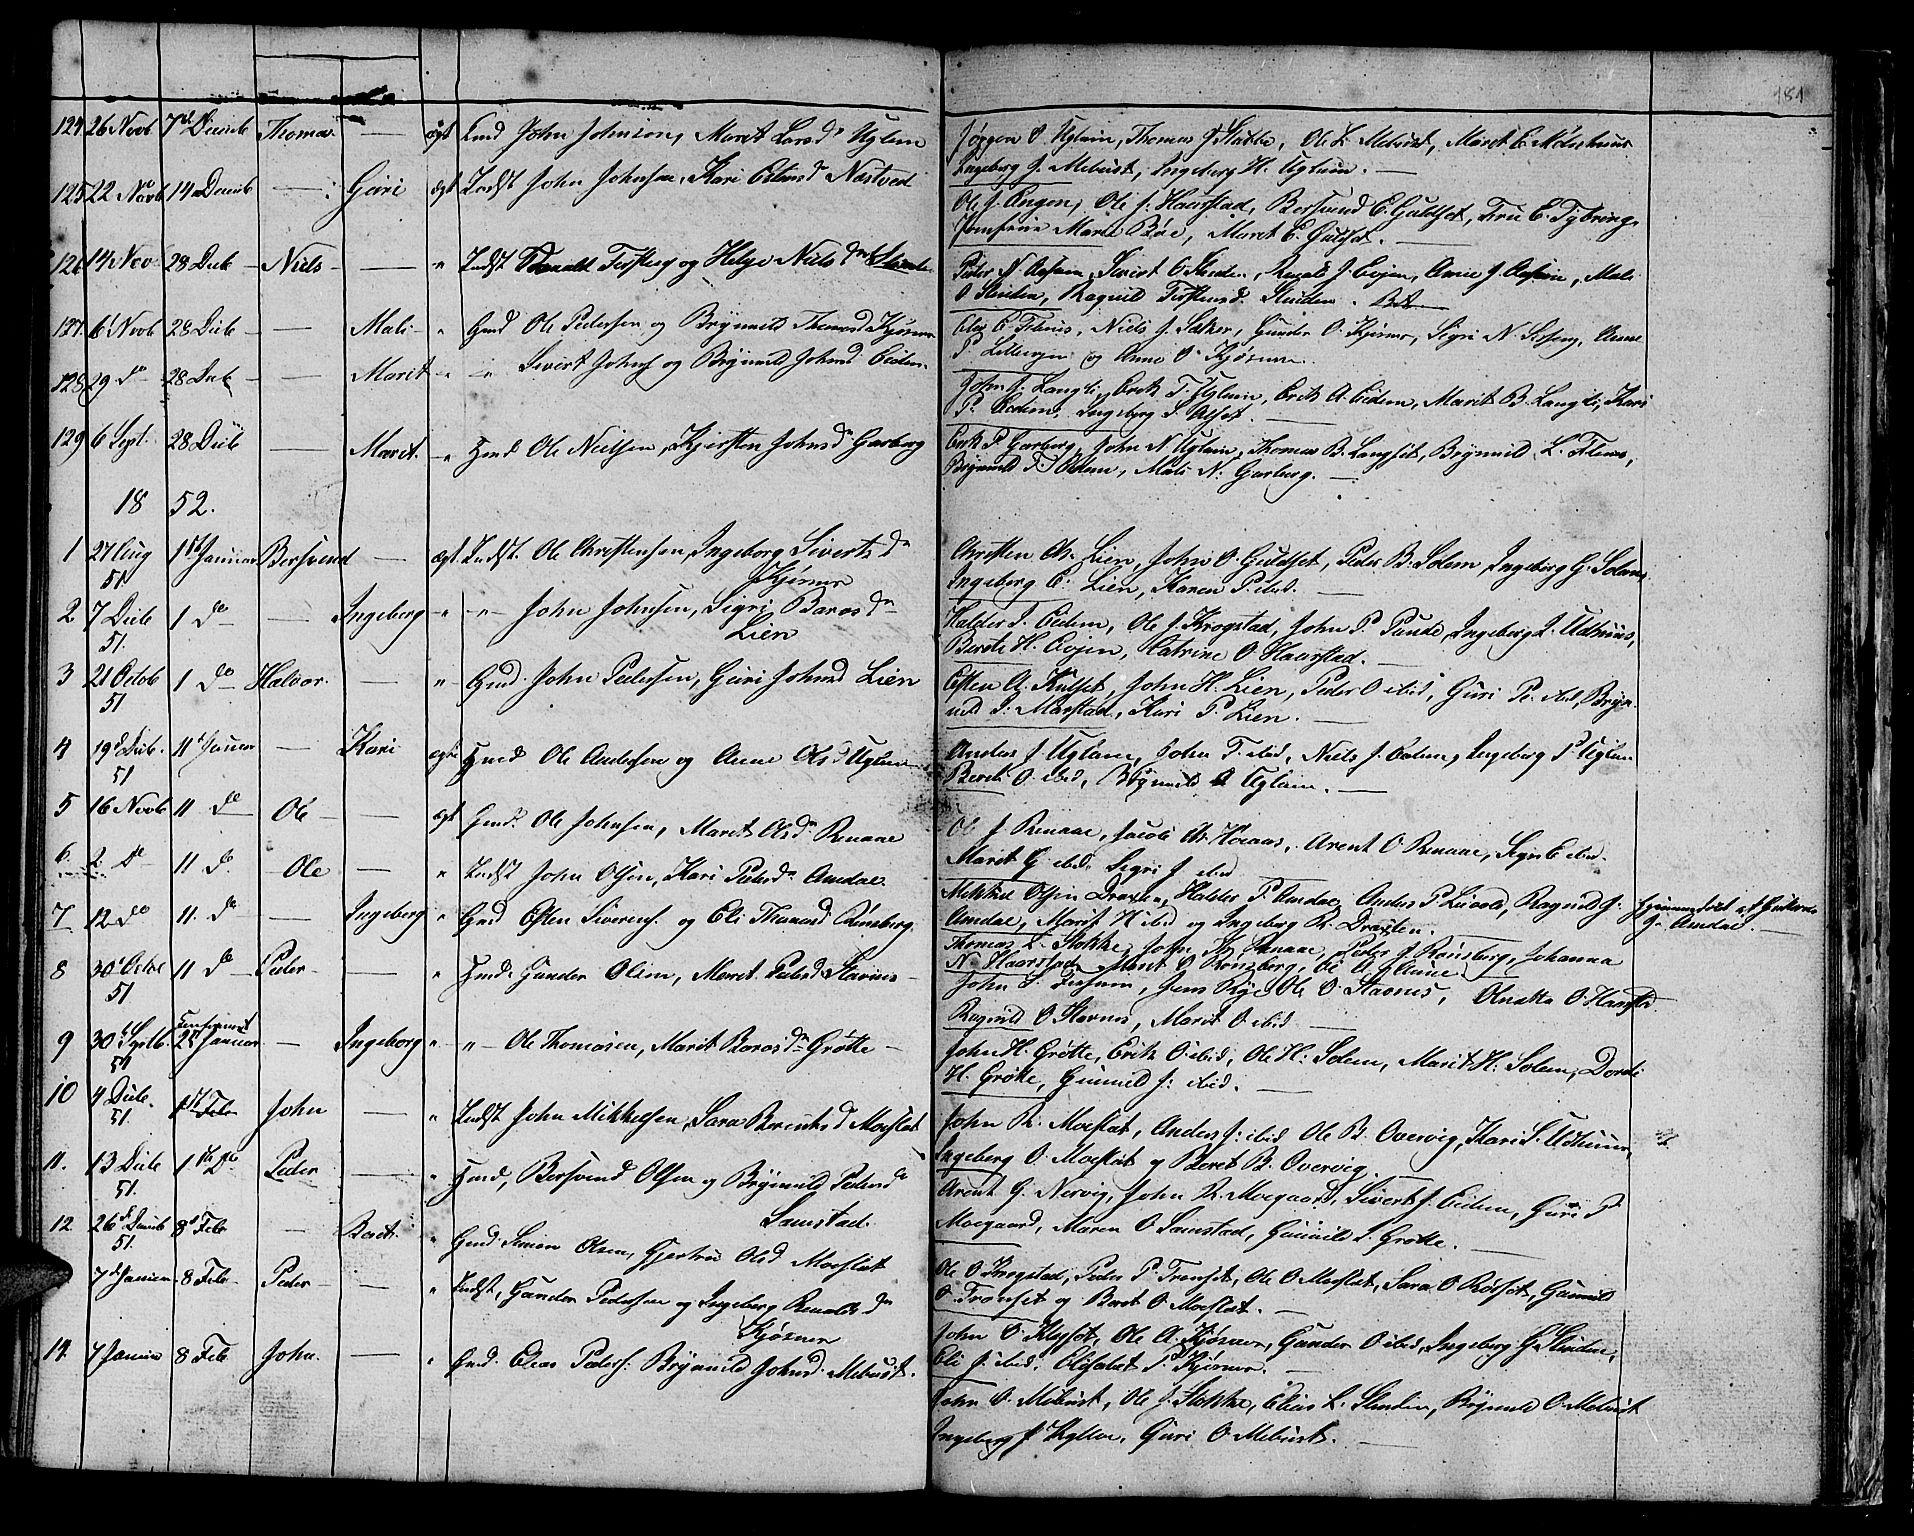 SAT, Ministerialprotokoller, klokkerbøker og fødselsregistre - Sør-Trøndelag, 695/L1154: Klokkerbok nr. 695C05, 1842-1858, s. 181